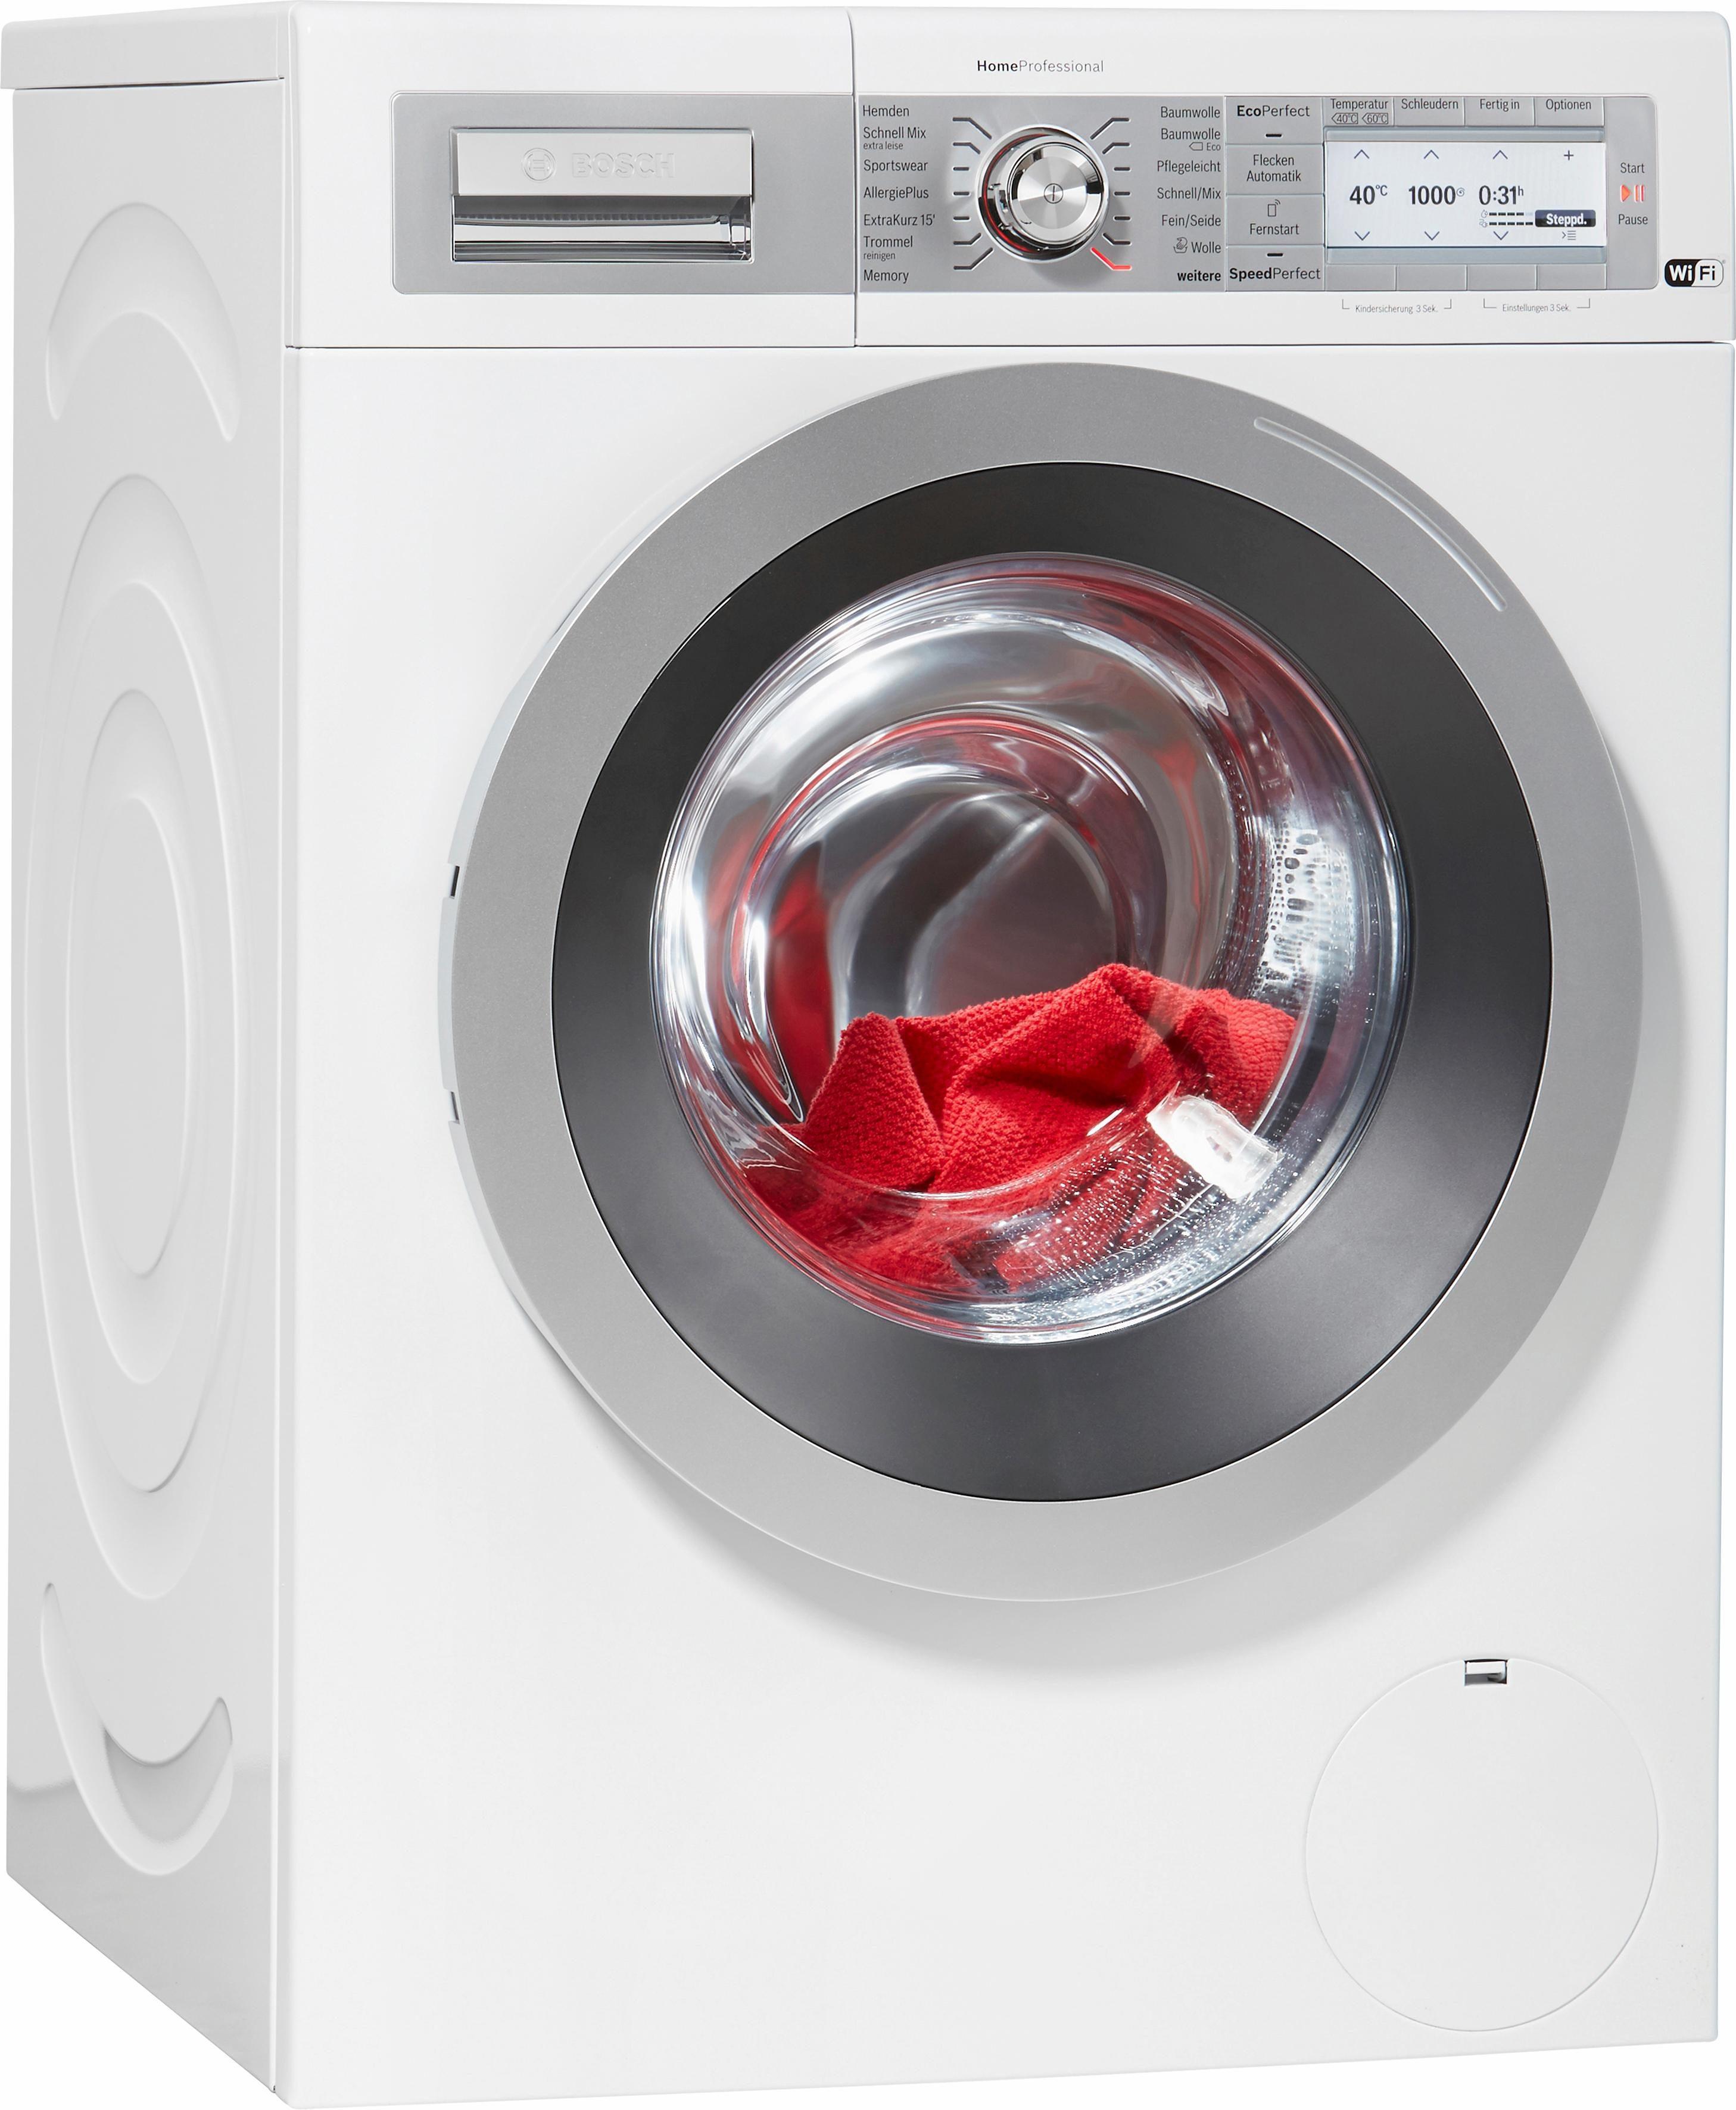 BOSCH Waschmaschine HomeProfessional i-Dos WAYH8740, A+++, 8 kg, 1400 U/Min